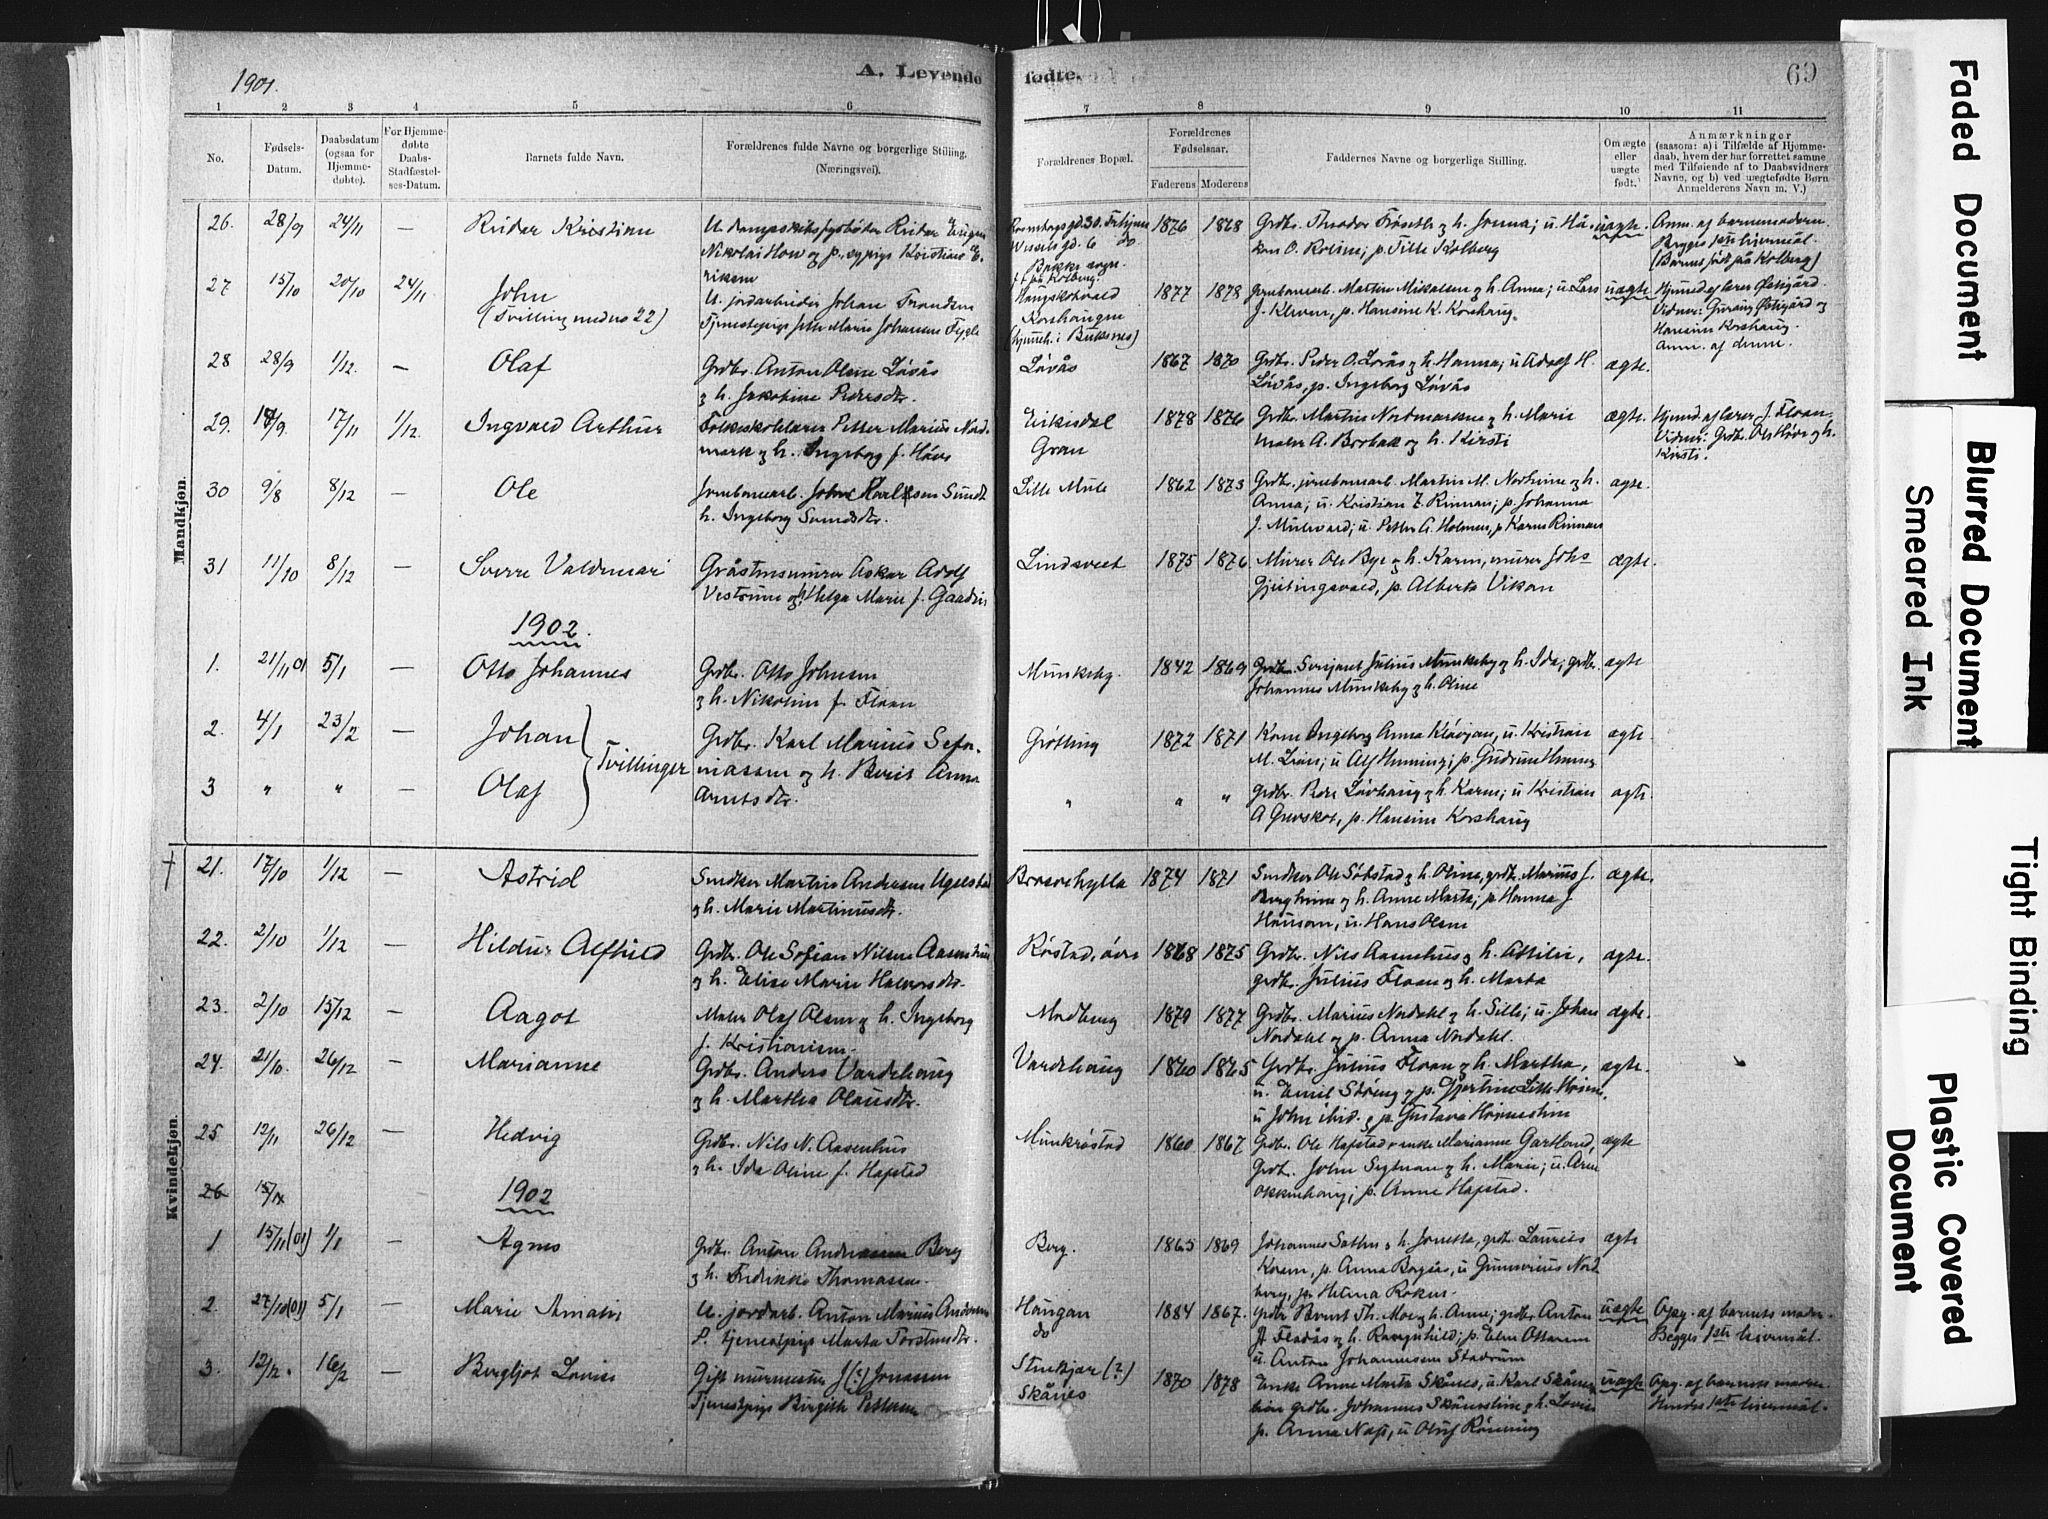 SAT, Ministerialprotokoller, klokkerbøker og fødselsregistre - Nord-Trøndelag, 721/L0207: Ministerialbok nr. 721A02, 1880-1911, s. 69